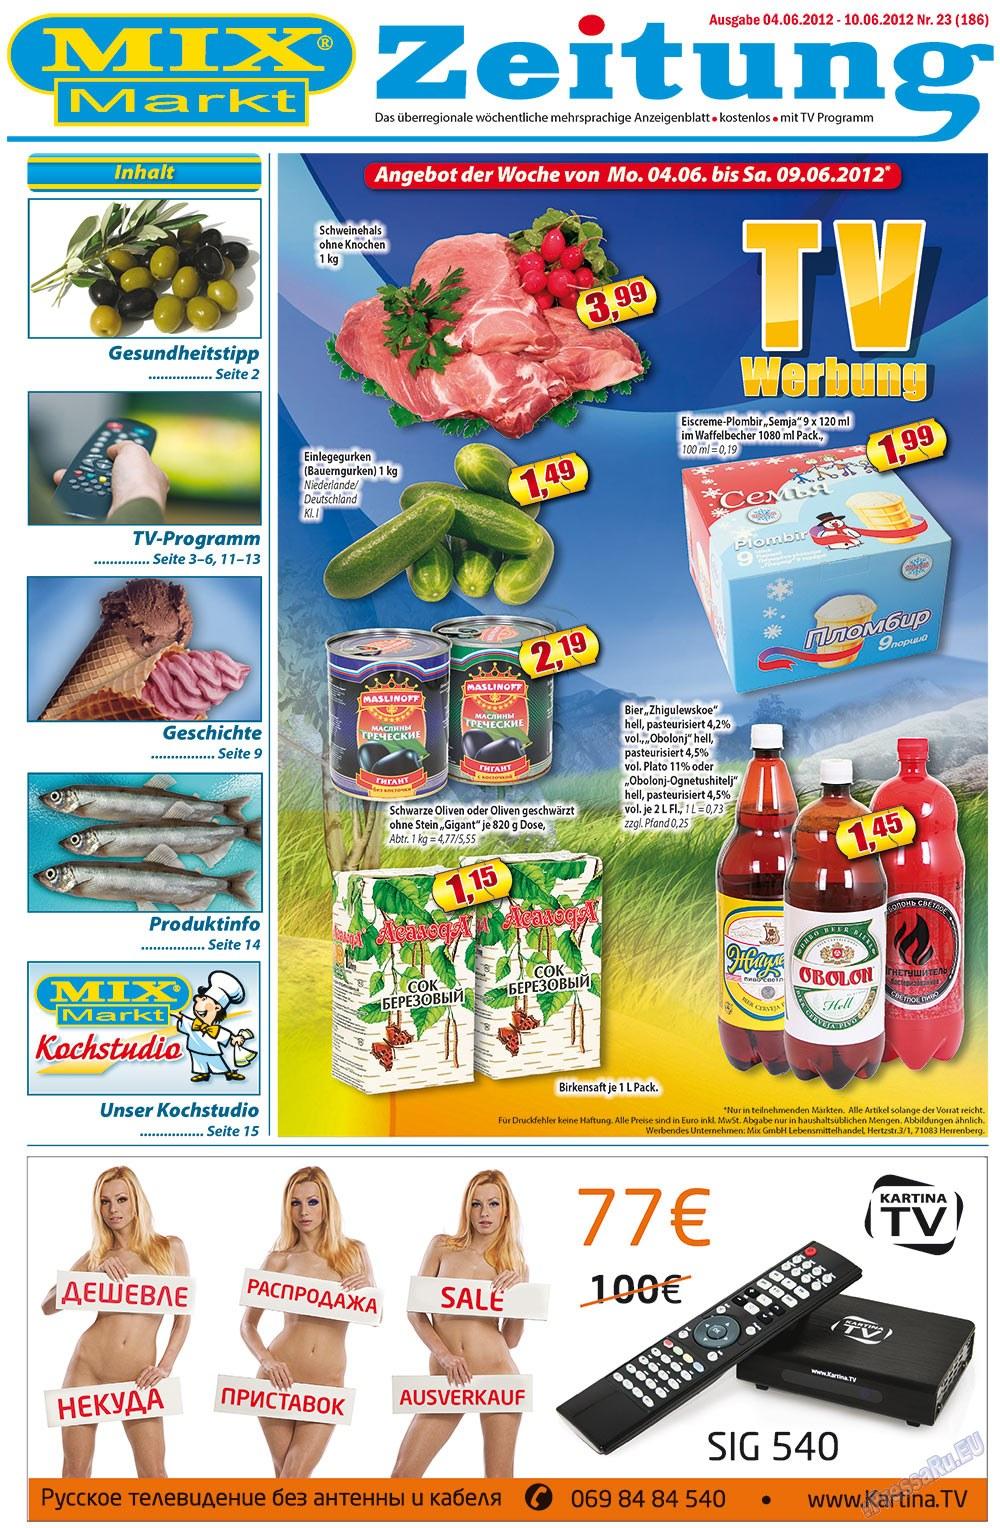 MIX-Markt Zeitung (газета). 2012 год, номер 23, стр. 1